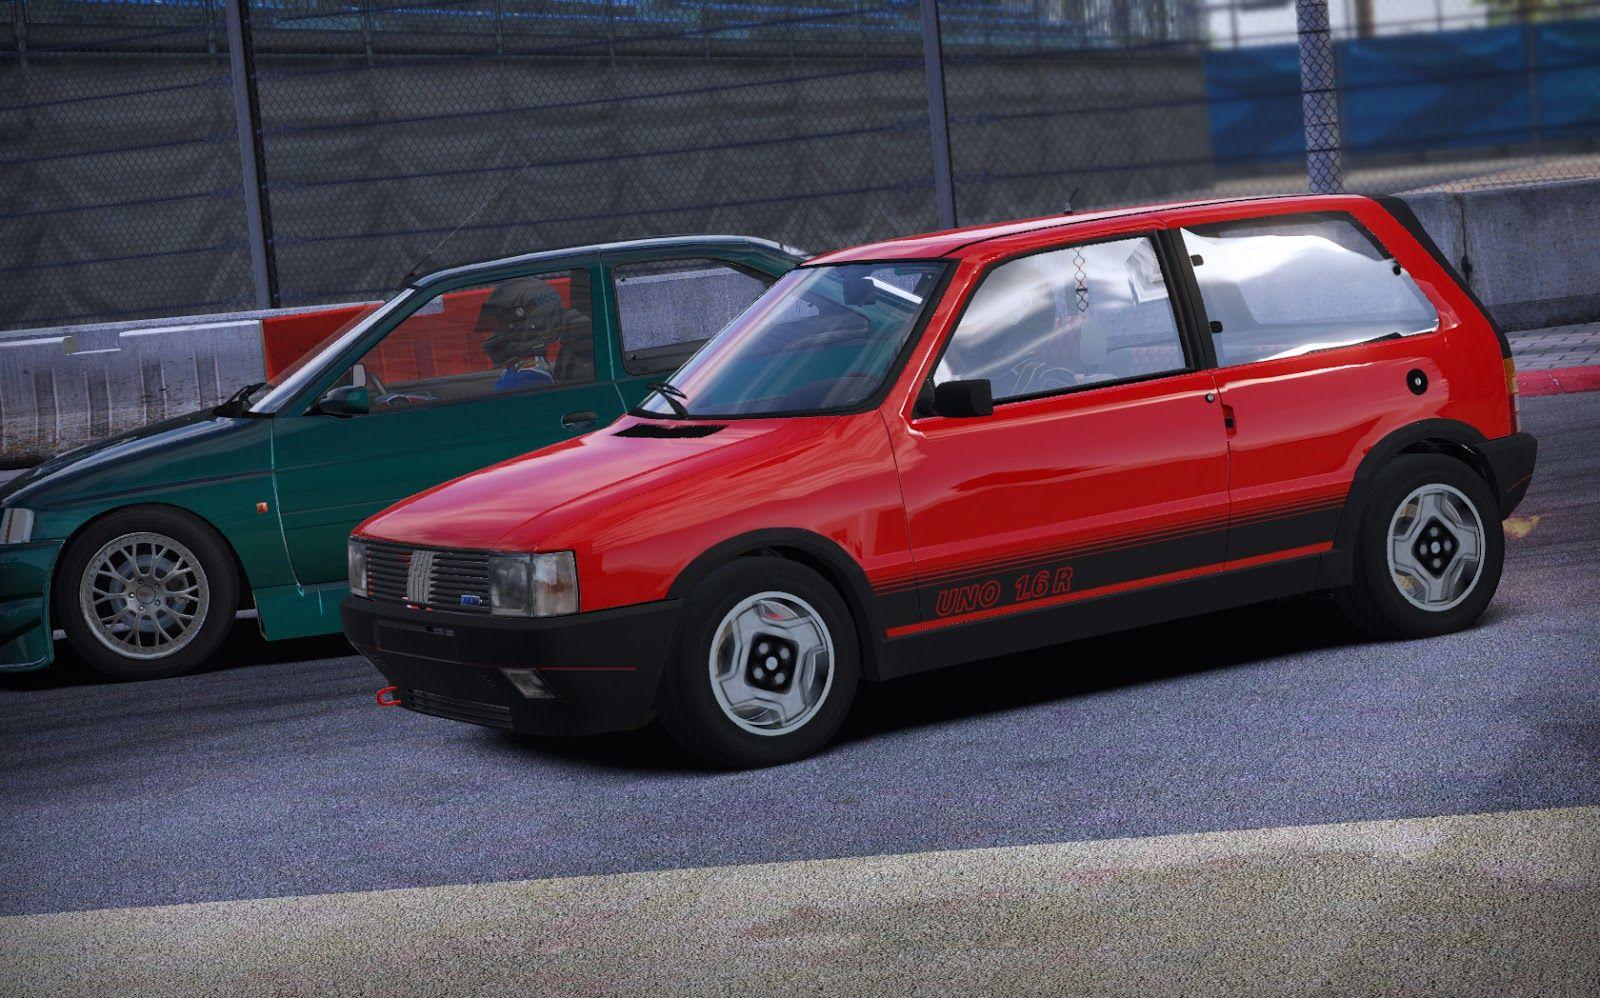 Fiat Uno 1 6r Busqueda De Google Com Imagens